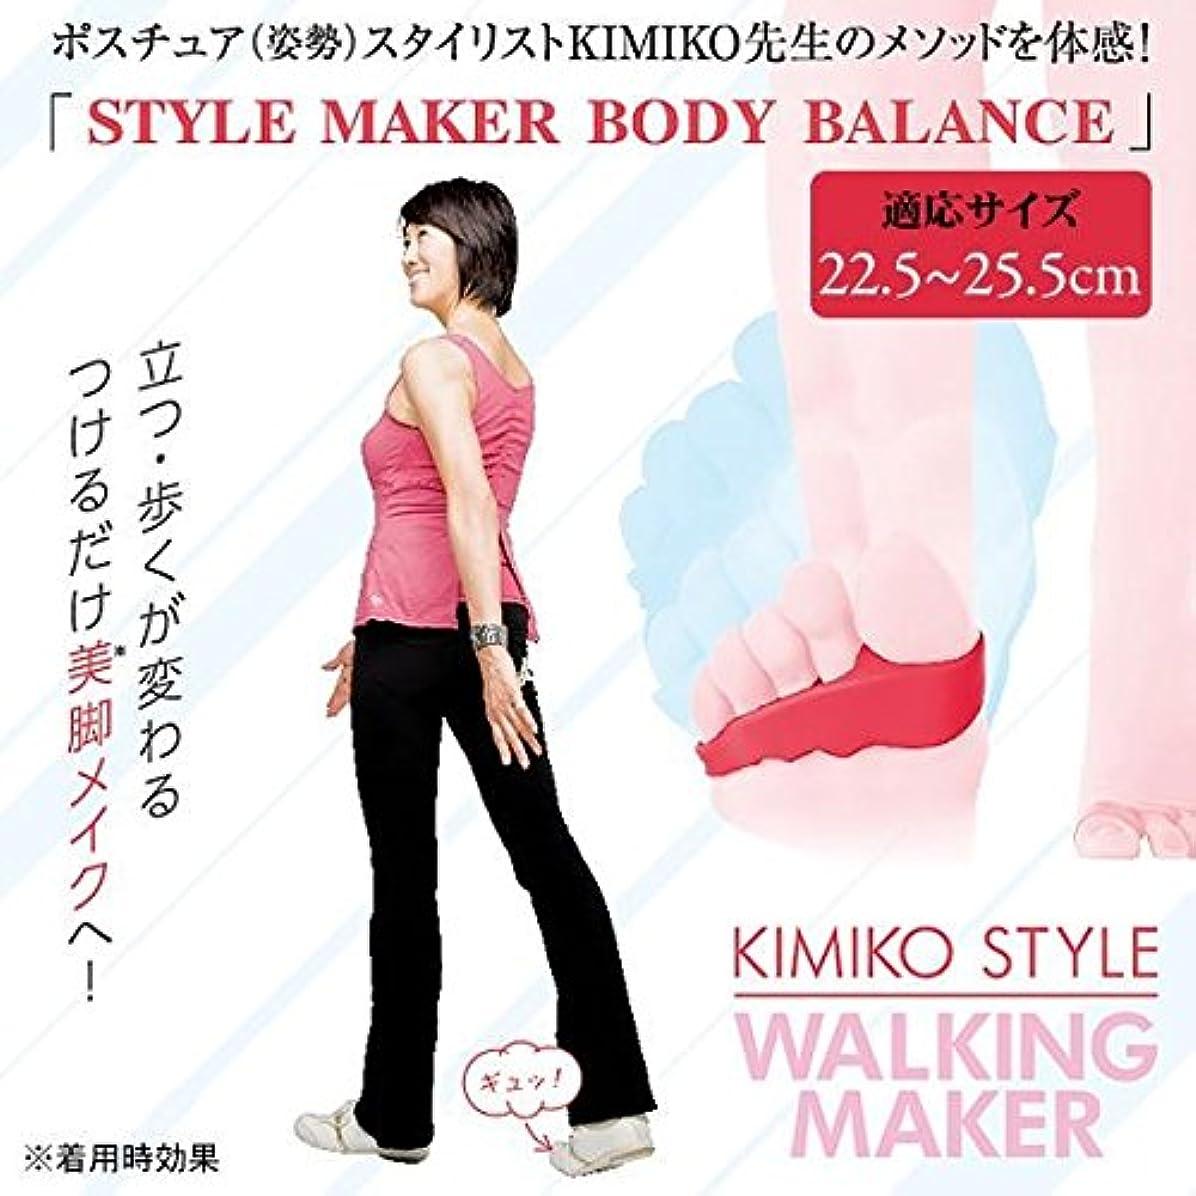 スロープ注入する説得力のあるKIMIKO STYLE(キミコスタイル) WALKING MAKER(ウォーキングメーカー) 1足入